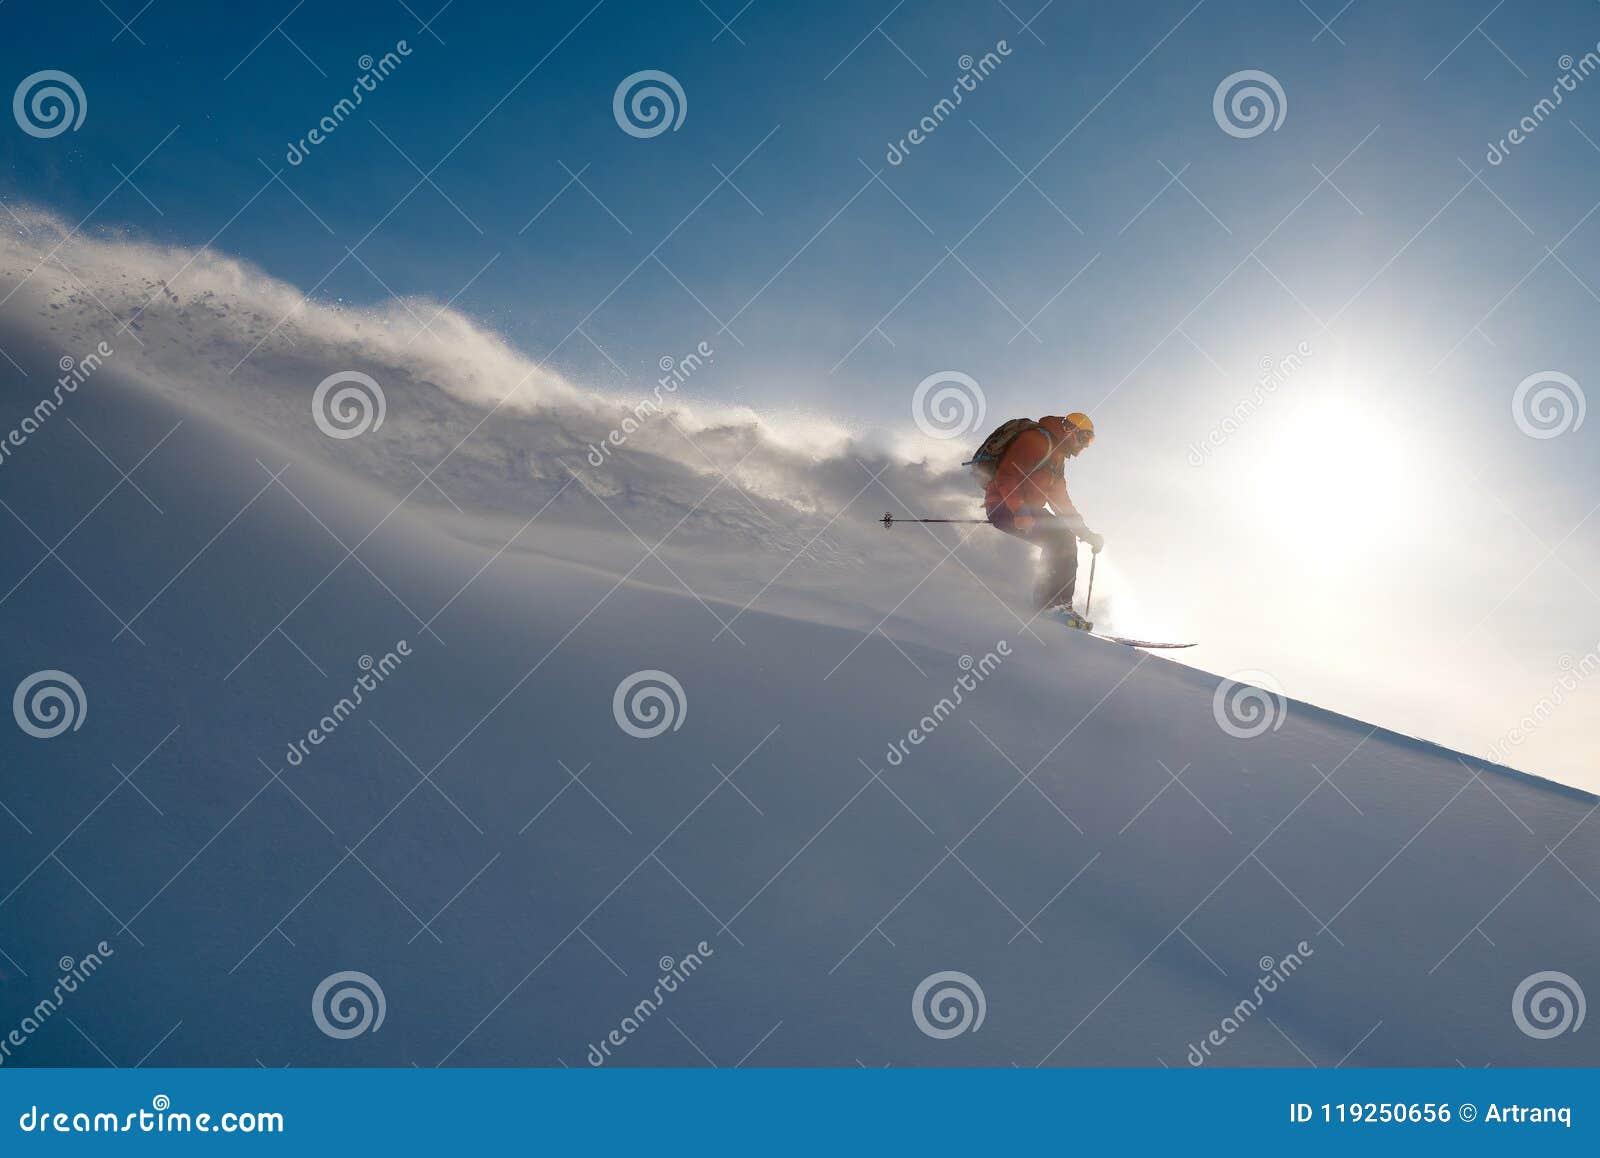 Narciarek przejażdżek freeride na proszku śnieżna opuszcza fala